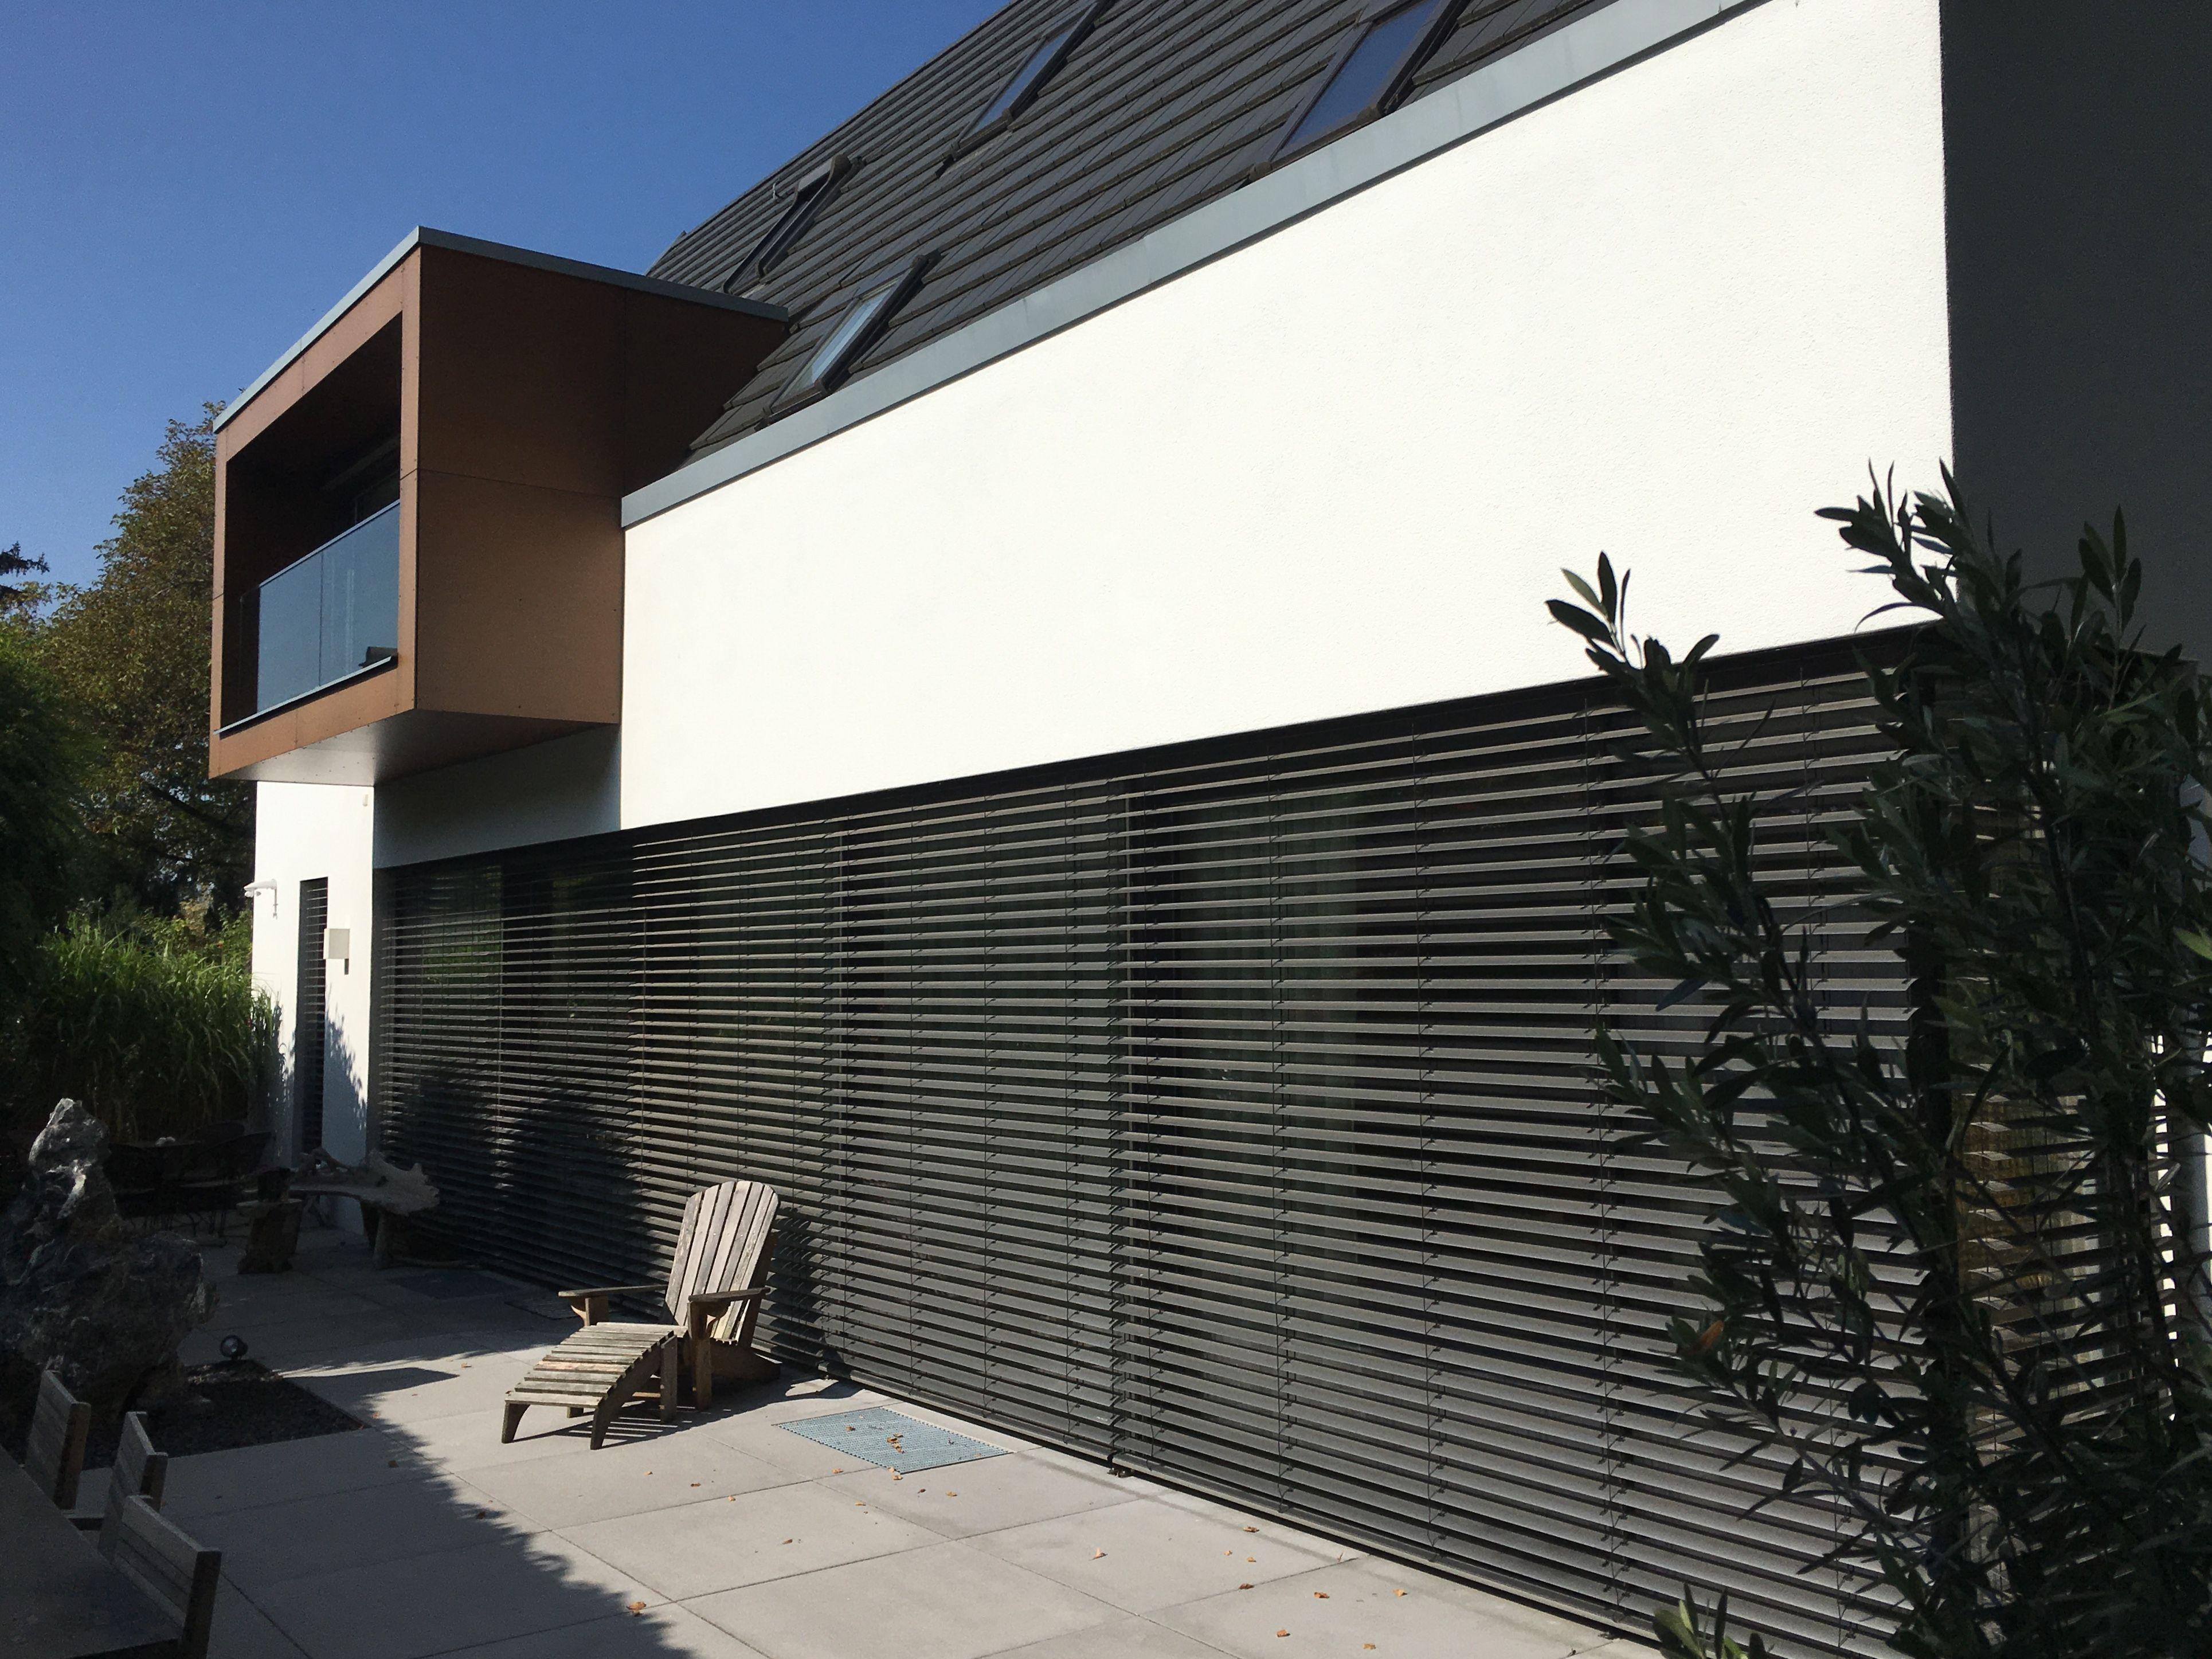 Moderne Architektur, Innenarchitektur, Bauhaus, Erding, Garten ...